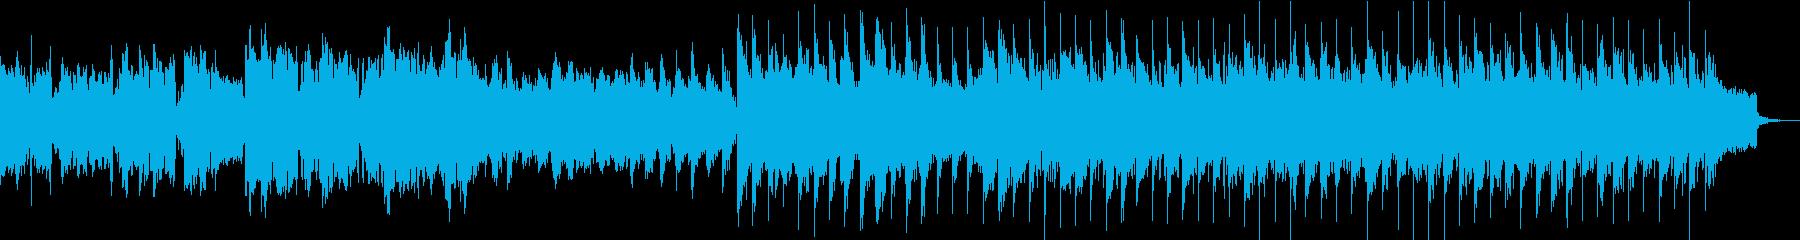 企業VPや映像/ドラマチックストリングスの再生済みの波形